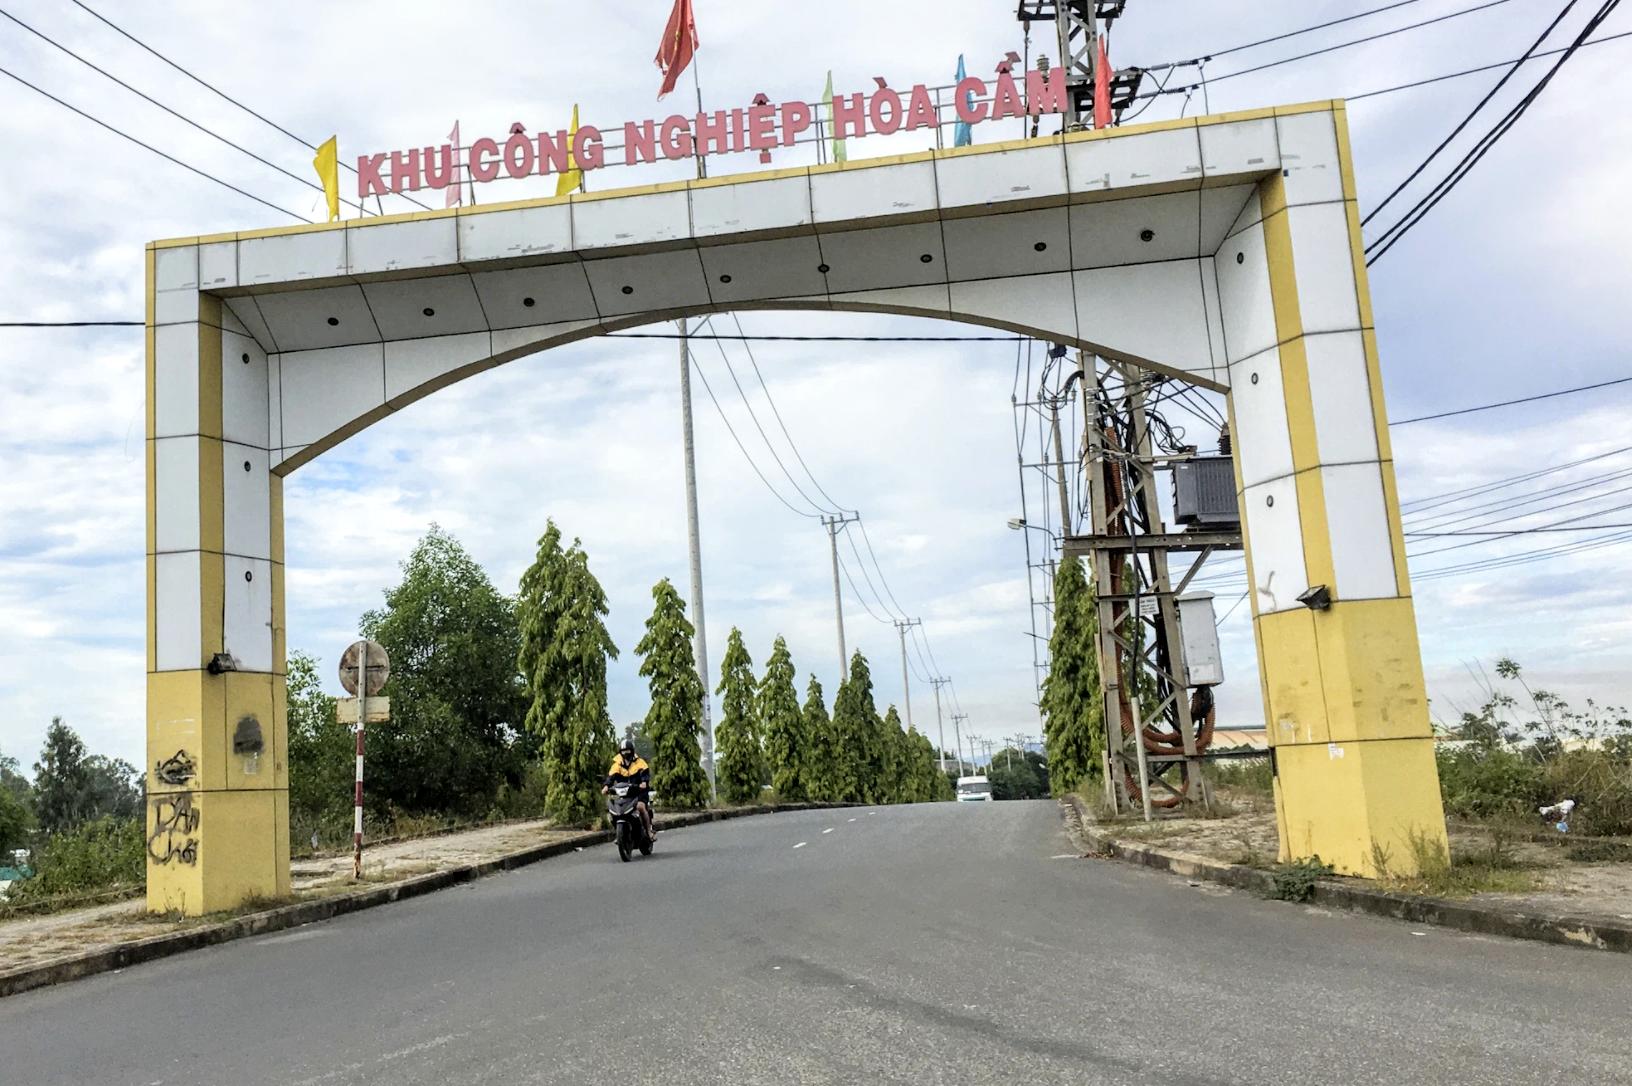 Đà Nẵng mời gọi đầu tư 3 khu công nghiệp, quy mô gần 900 ha - Ảnh 1.